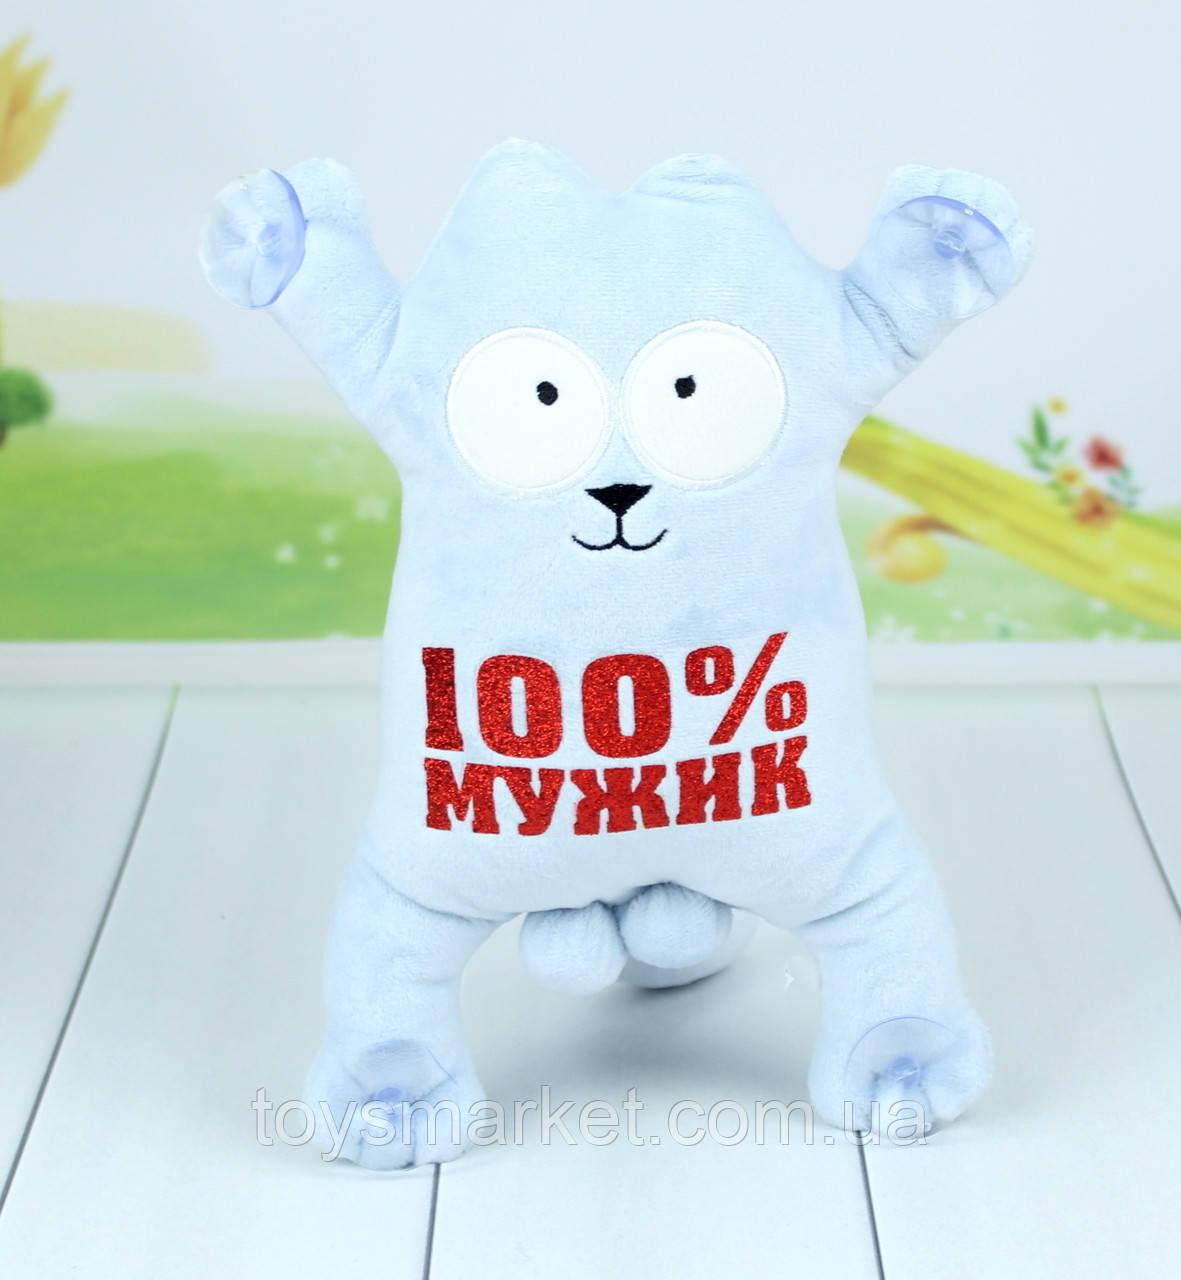 Мягкая игрушка кот Саймон, сувенирный кот на присосках с надписью, 34 см.